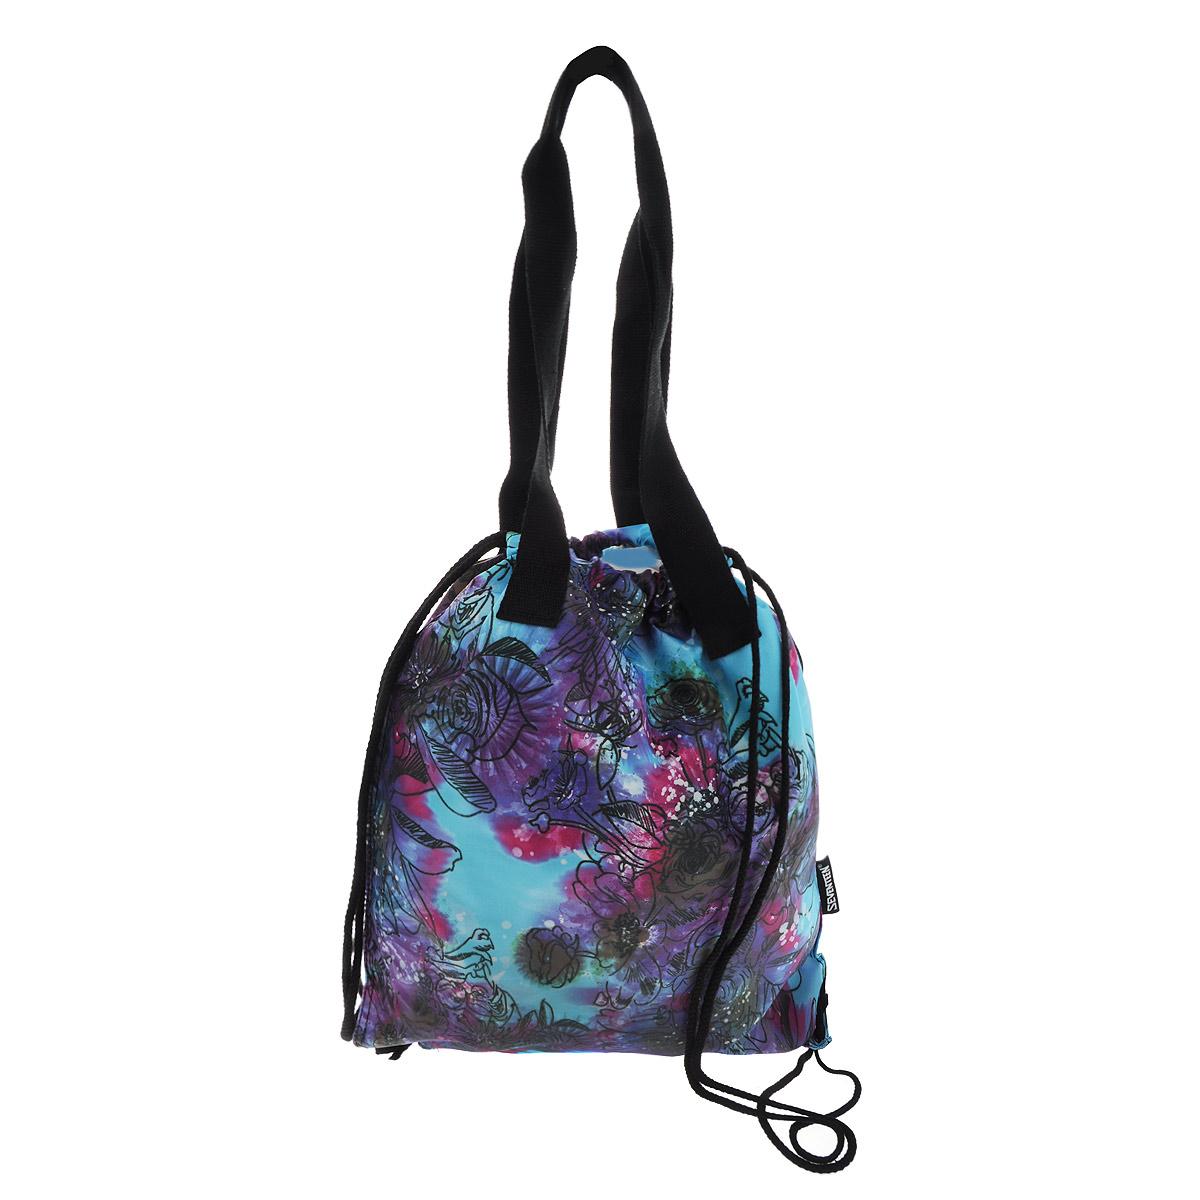 Seventeen Сумка-рюкзак для обуви с ручками цвет голубой SVCB-RT2-896